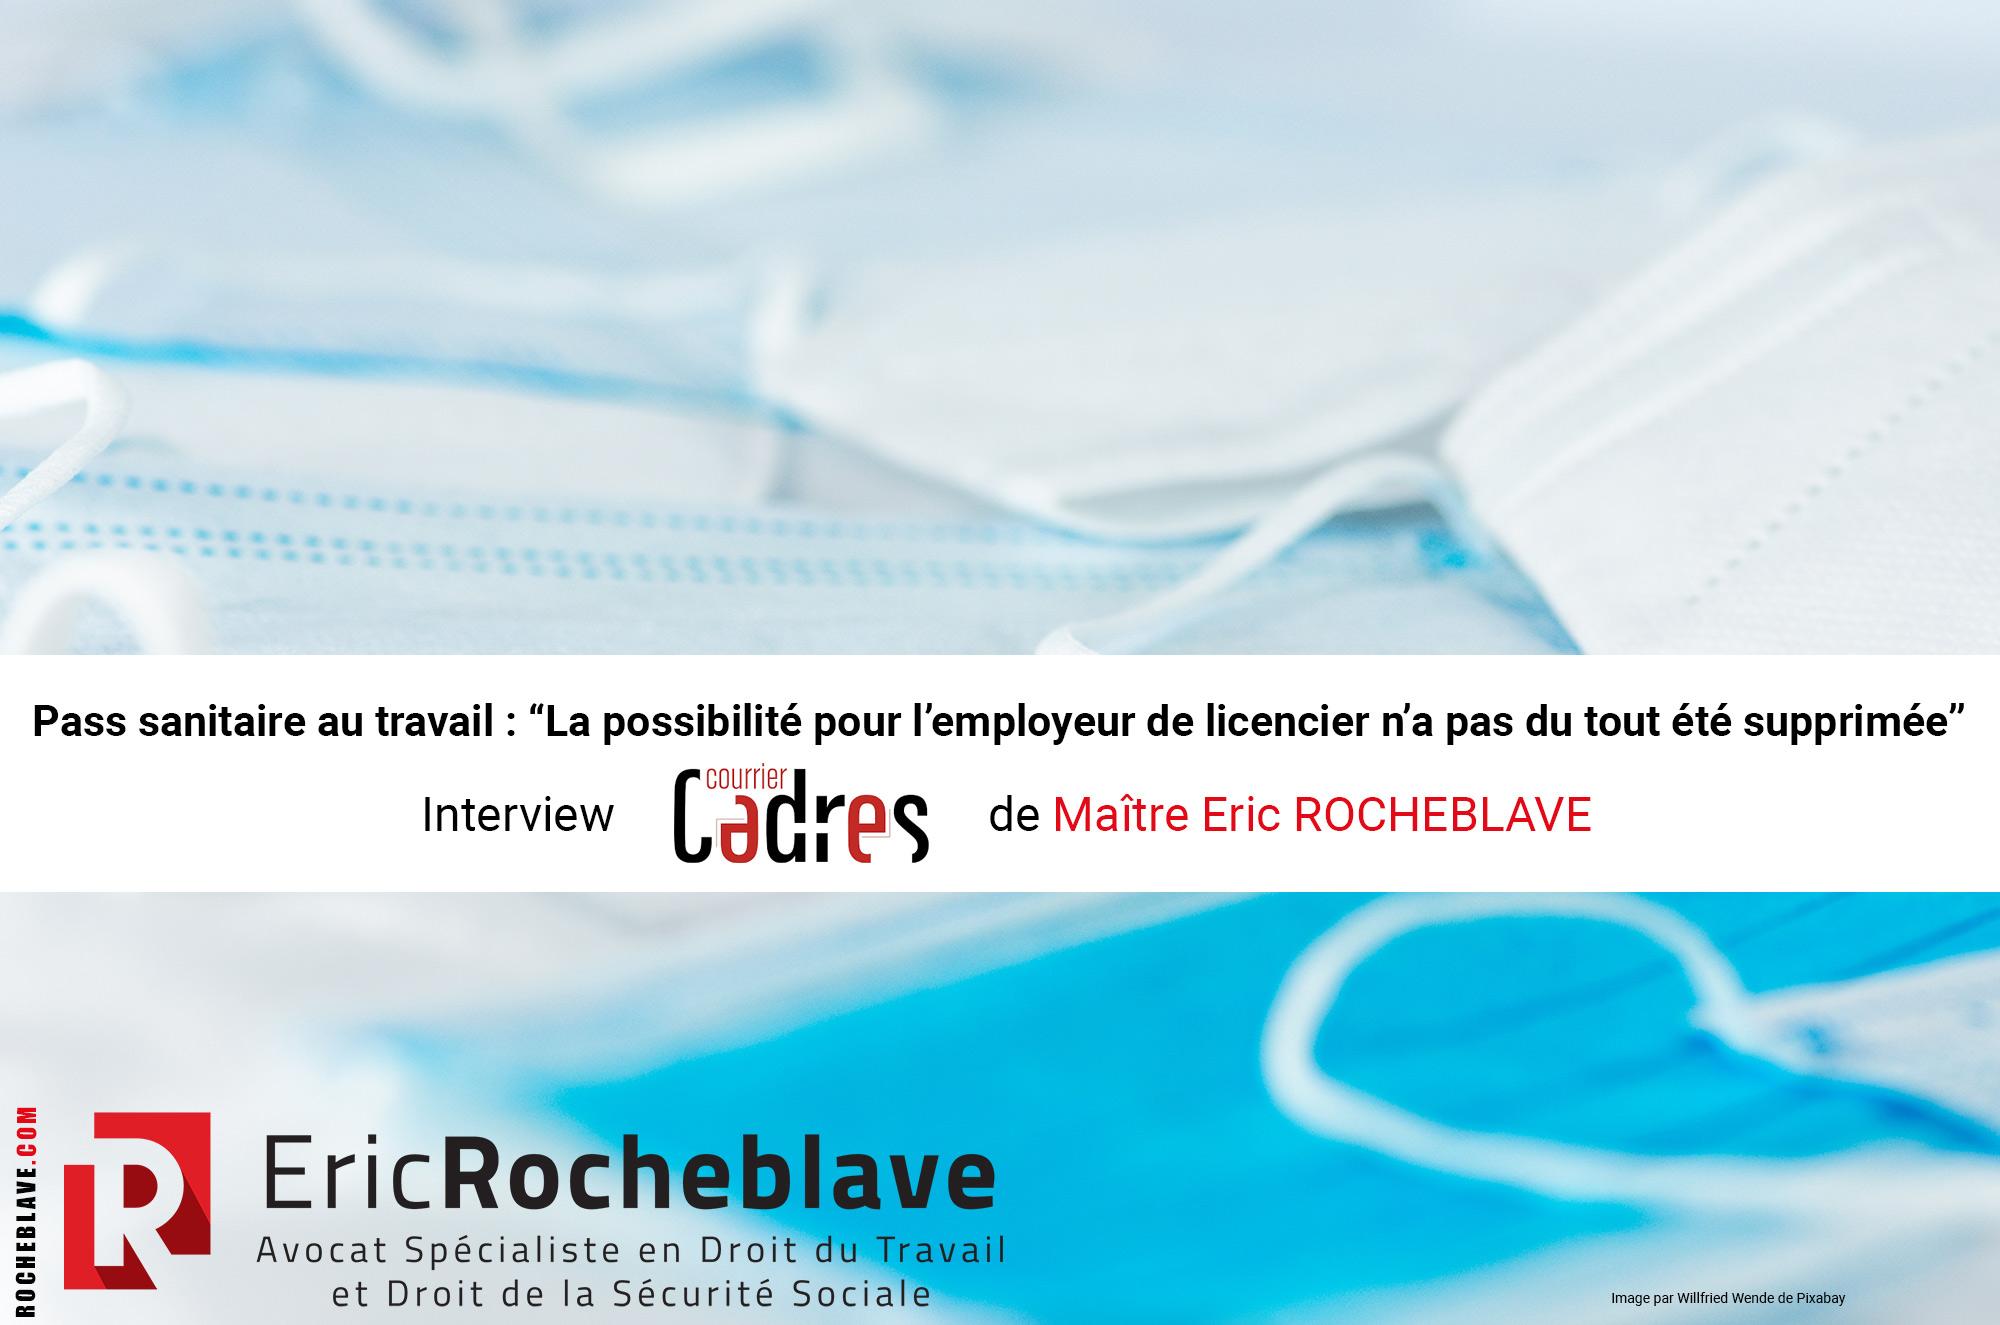 """Pass sanitaire au travail : """"La possibilité pour l'employeur de licencier n'a pas du tout été supprimée"""" Interview Courrier Cadres de Maître Eric ROCHEBLAVE"""